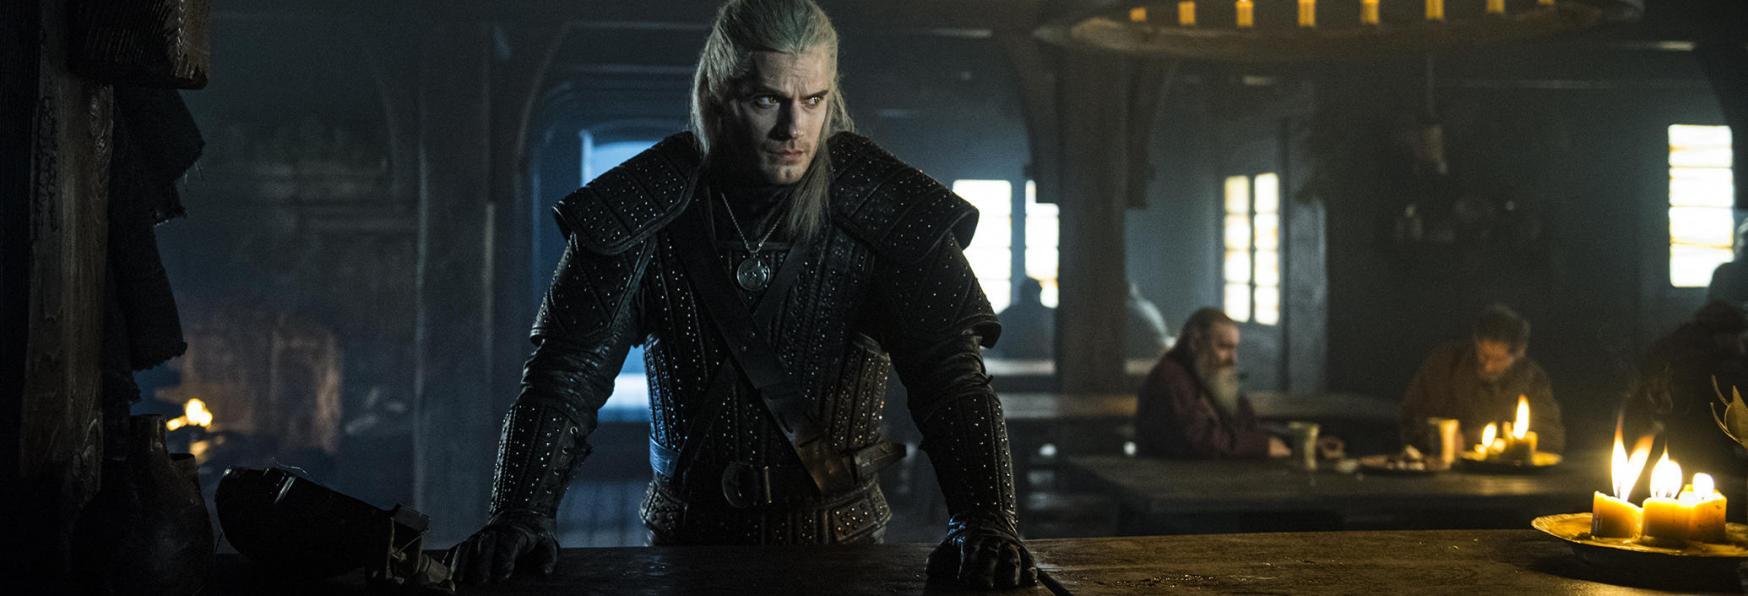 The Witcher: Recensione dei 4 Episodi Finali della 1° Stagione. Pro e Contro.